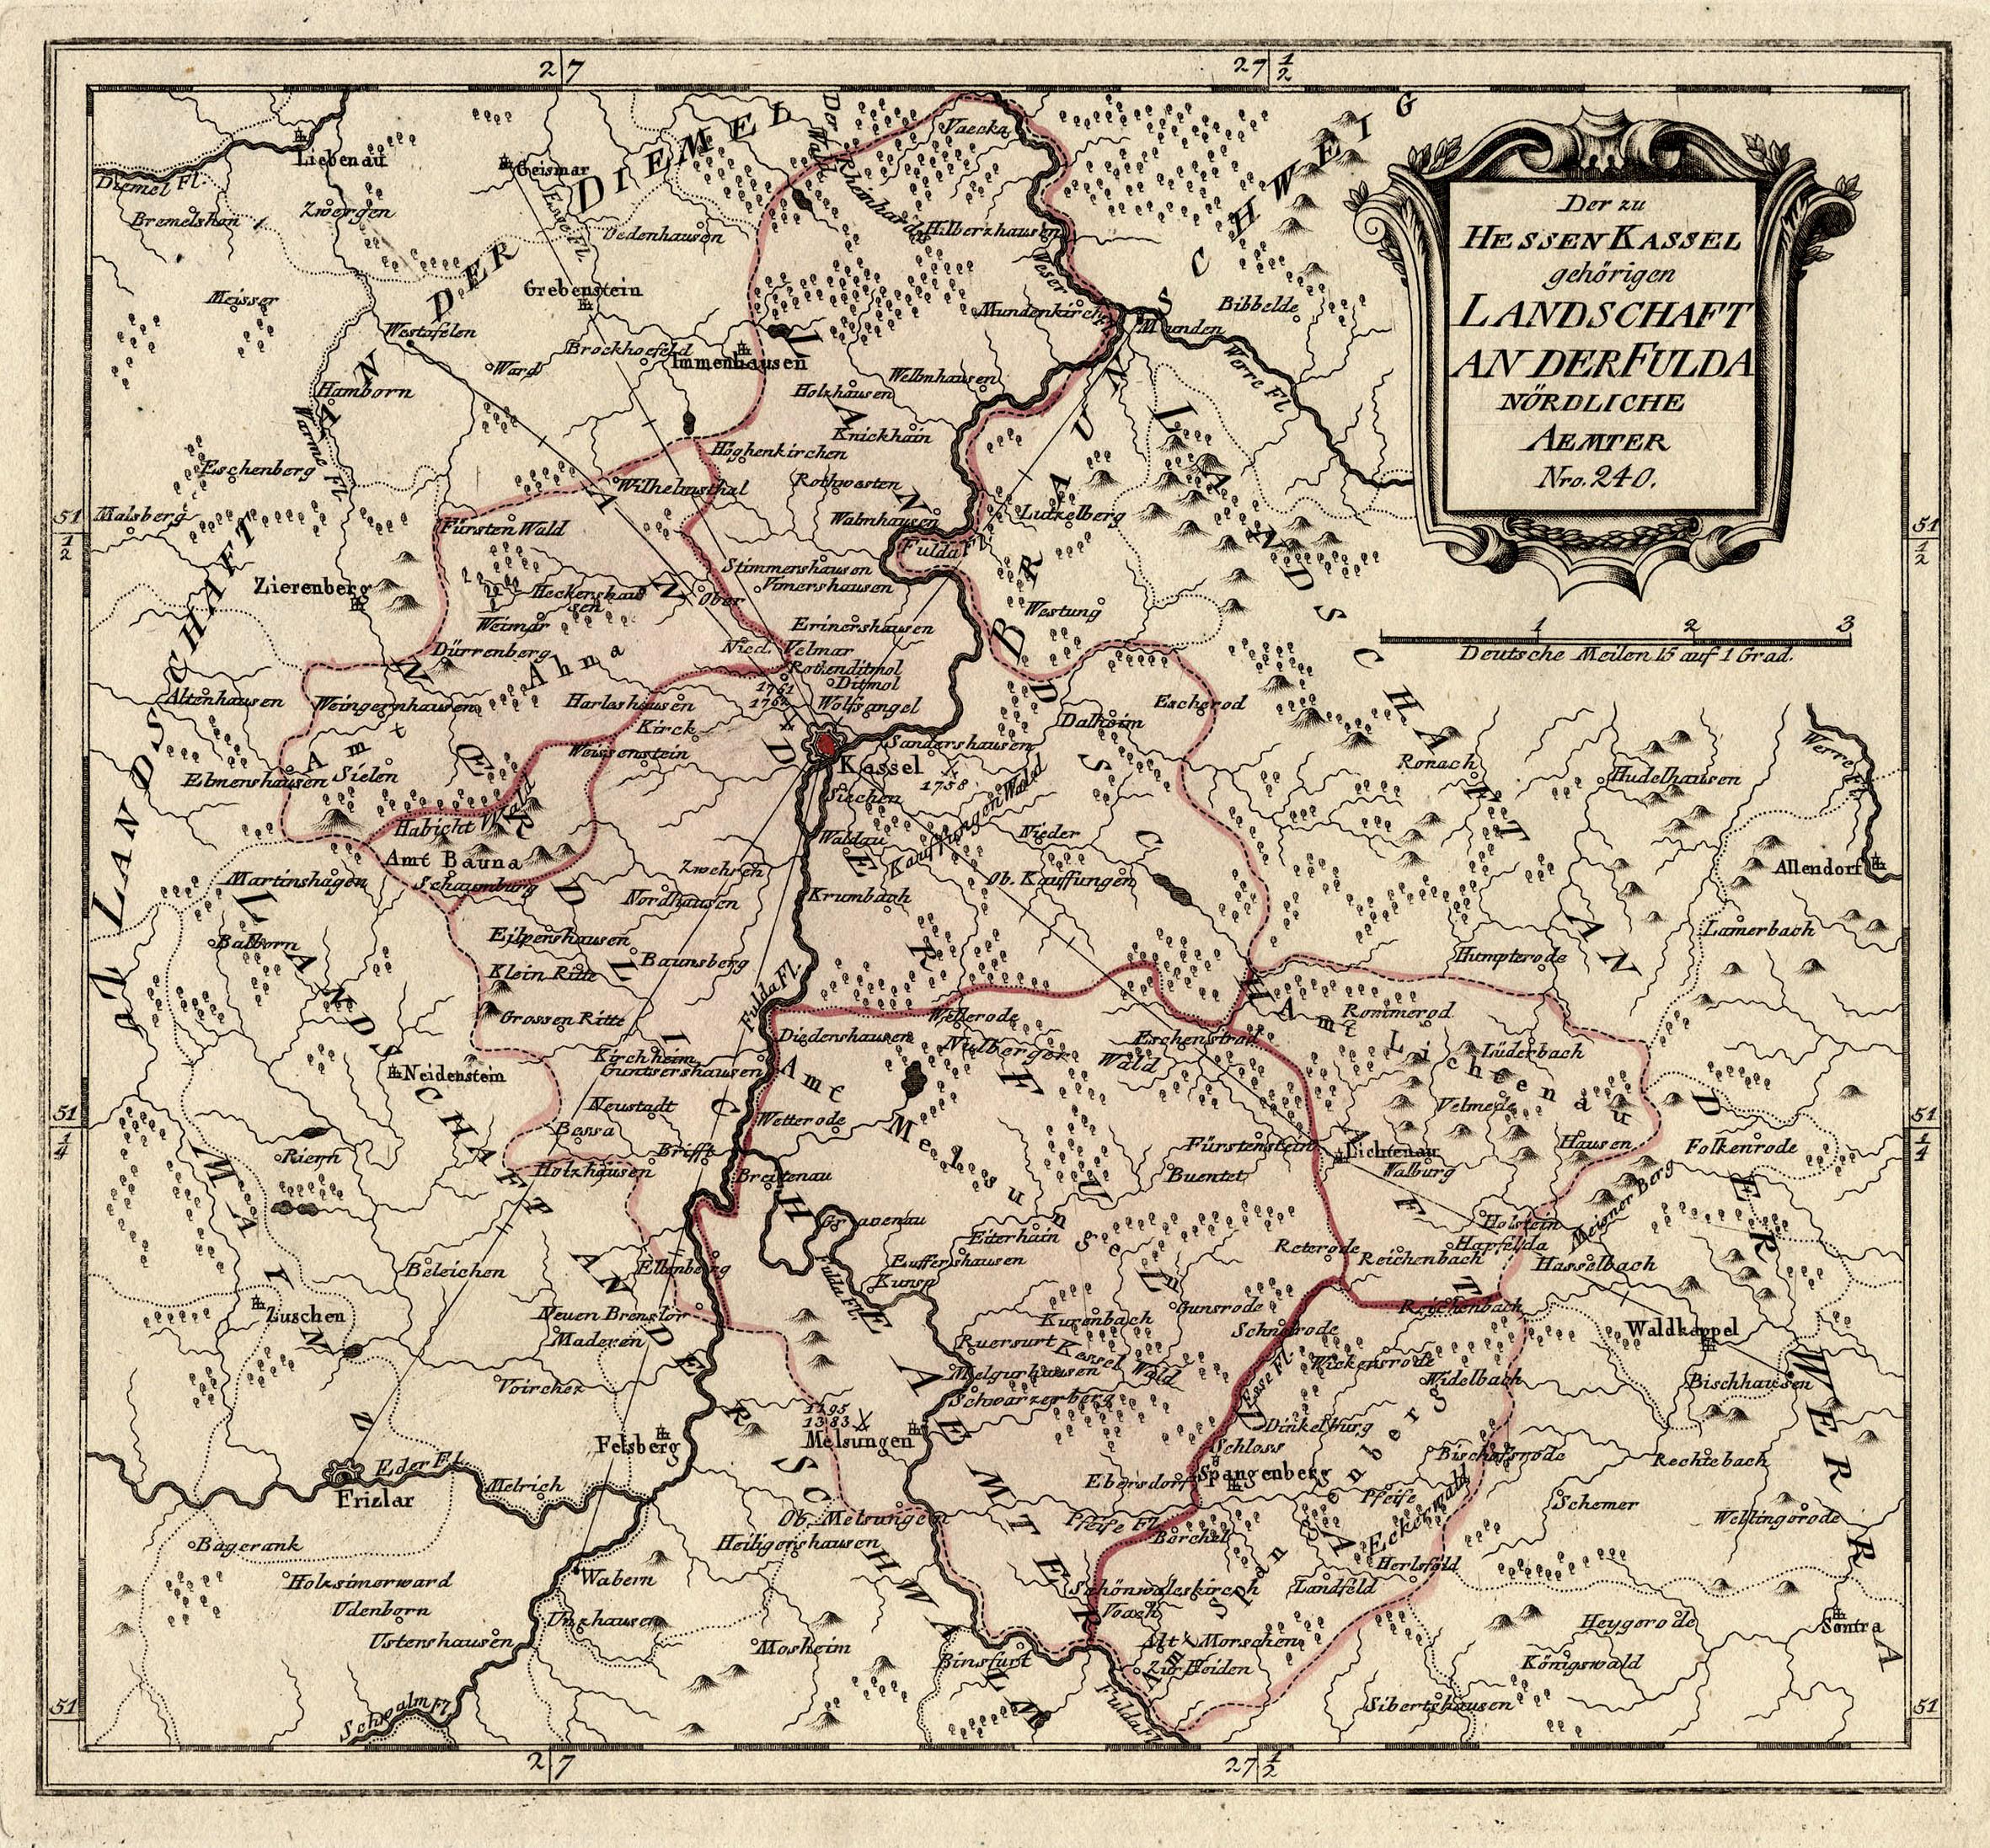 Karte Kassel Und Umgebung.Kupferstich Karte B Reilly